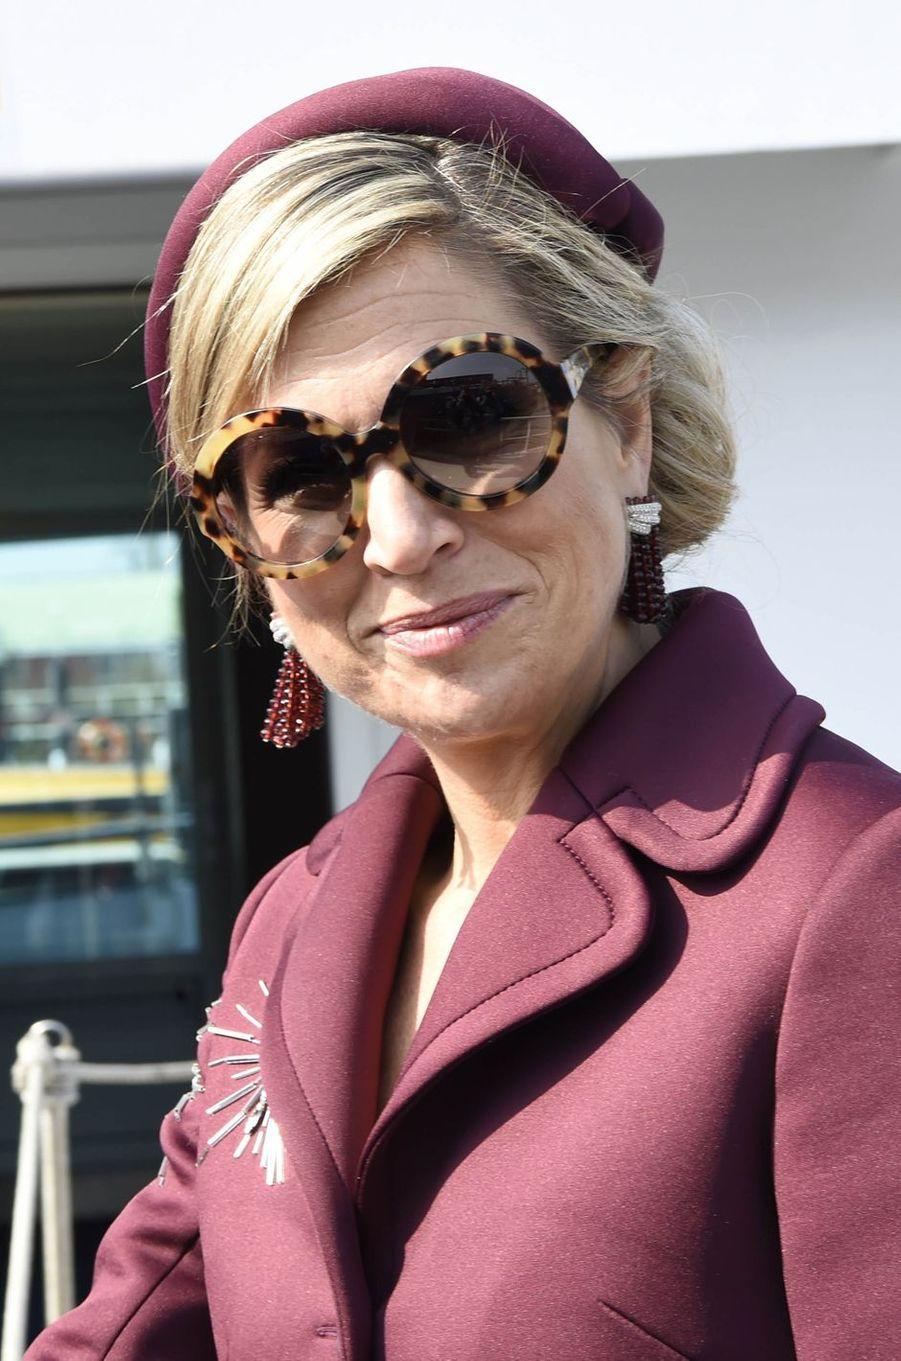 La reine Maxima des Pays-Bas à Rotterdam, le 28 mars 2017